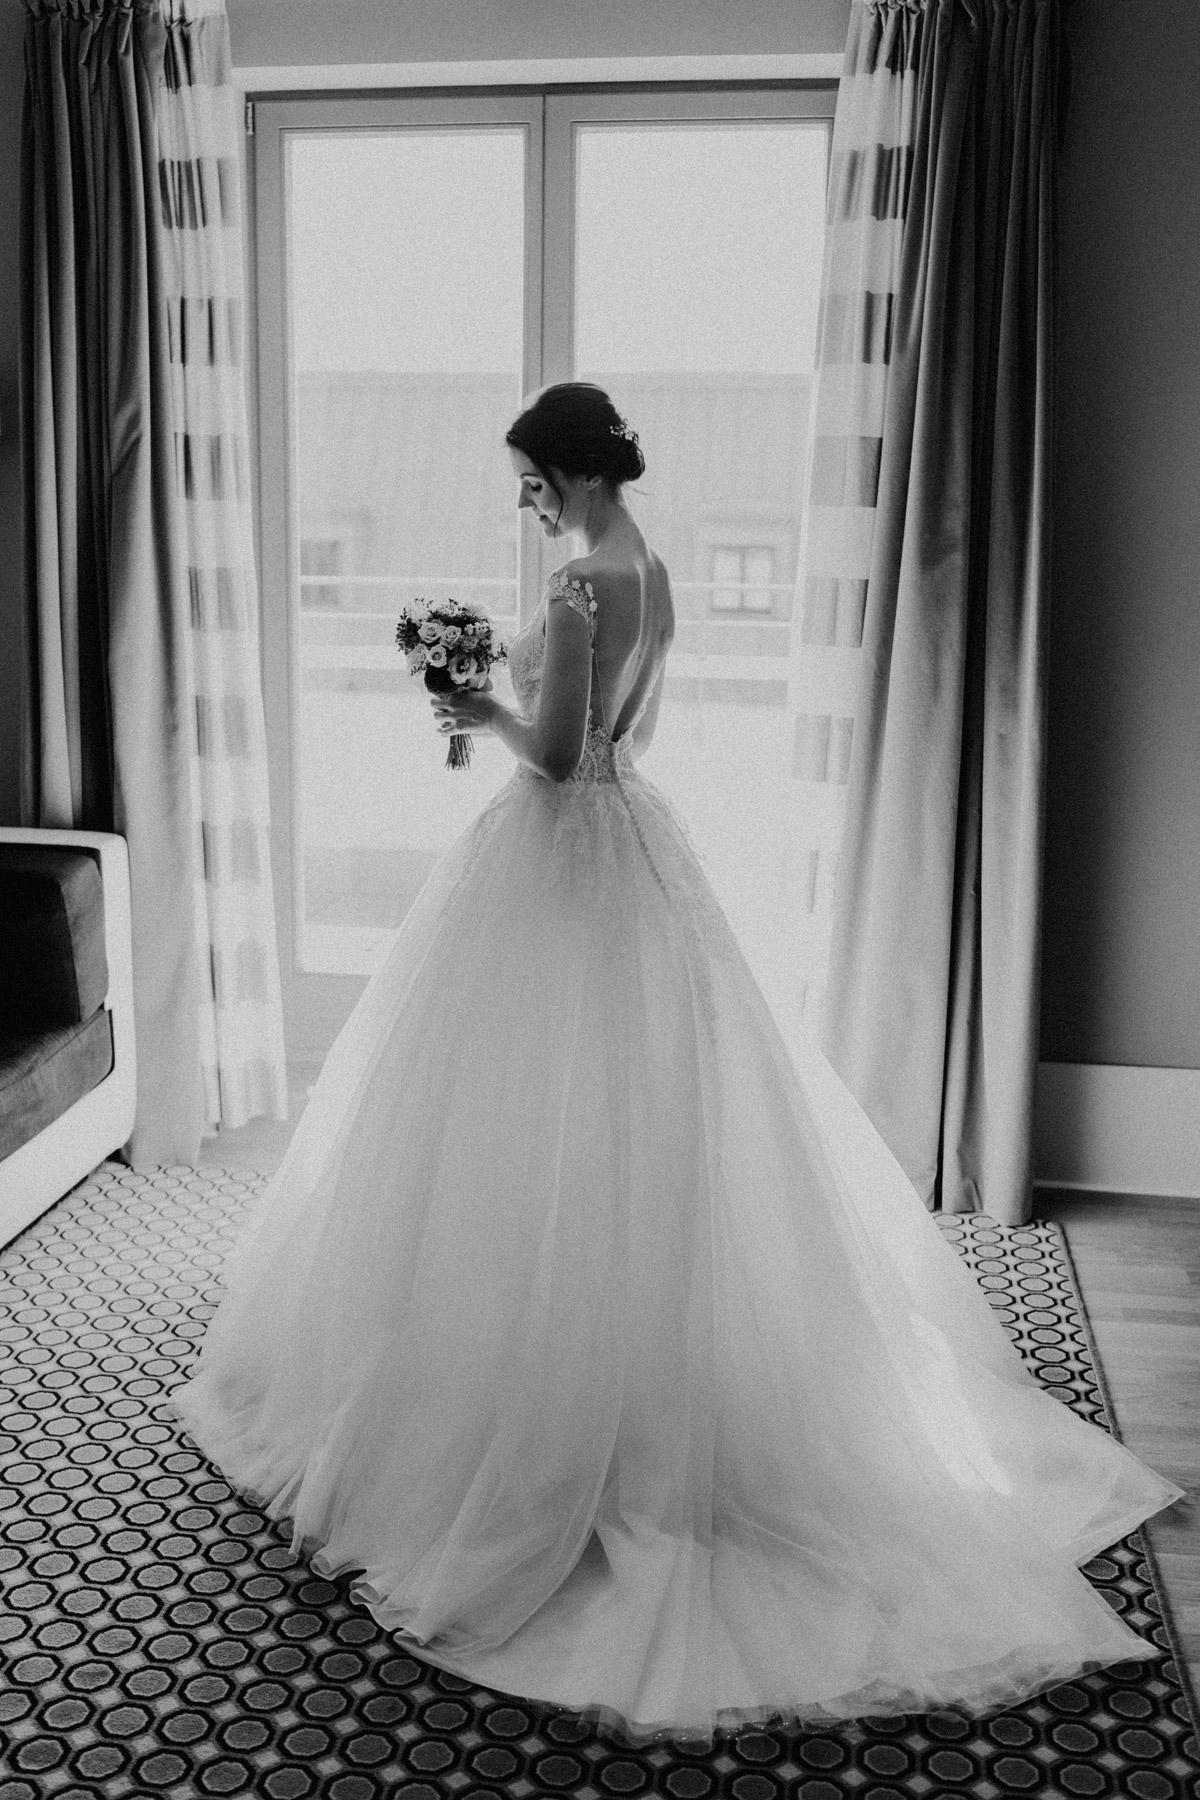 Braut Shooting am Fenster Hochzeitskleid Prinzessin #Brautkleid vintage mit Tüllrock, wedding dress real bride #Hochzeitsshooting im Hotel de Rome Berlin von Hochzeitsfotograf © www.hochzeitslicht.de #hochzeitslicht